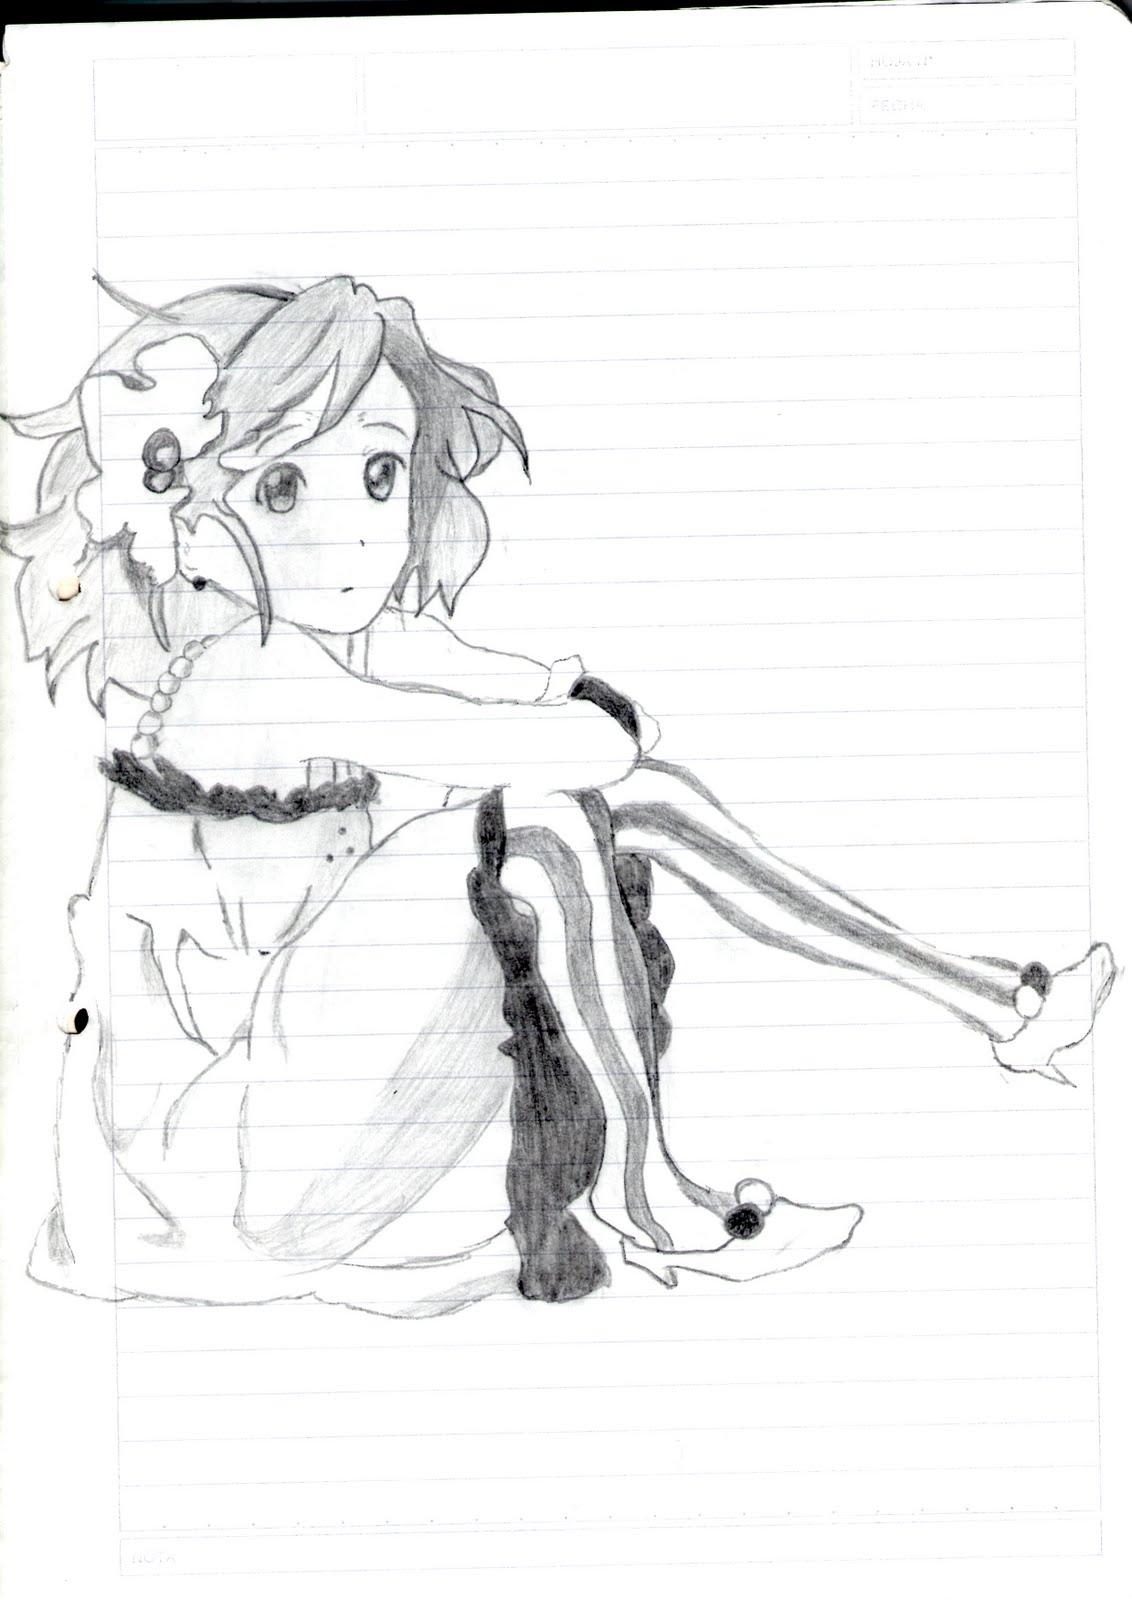 algunos dibujos anime ^^